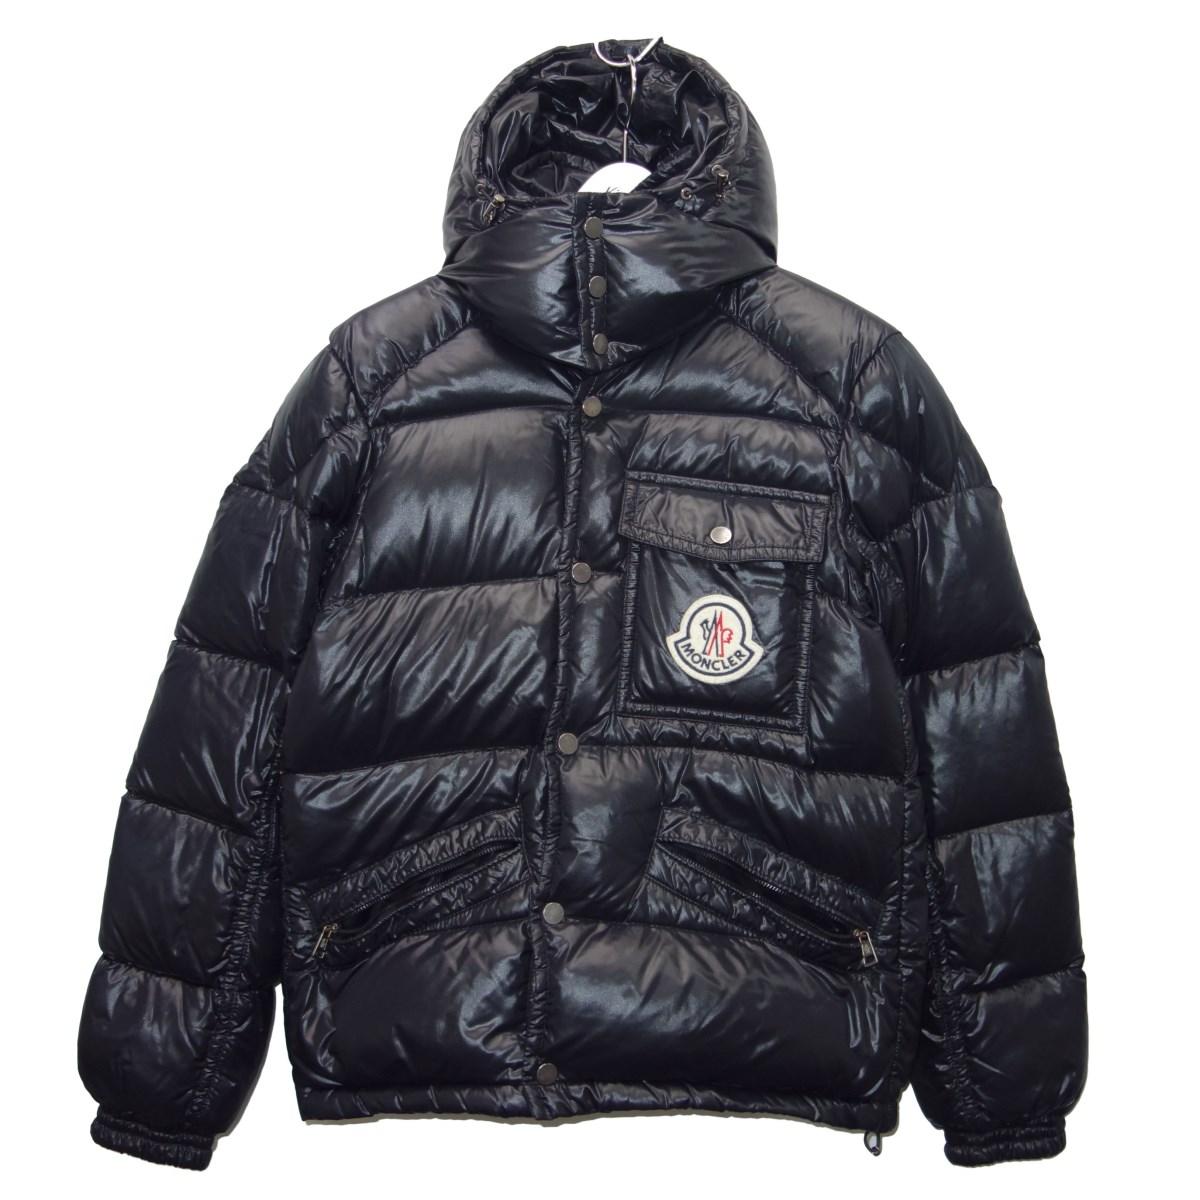 【中古】MONCLER 「K2」デカワッペンダウンジャケット ブラック サイズ:1 【310820】(モンクレール)